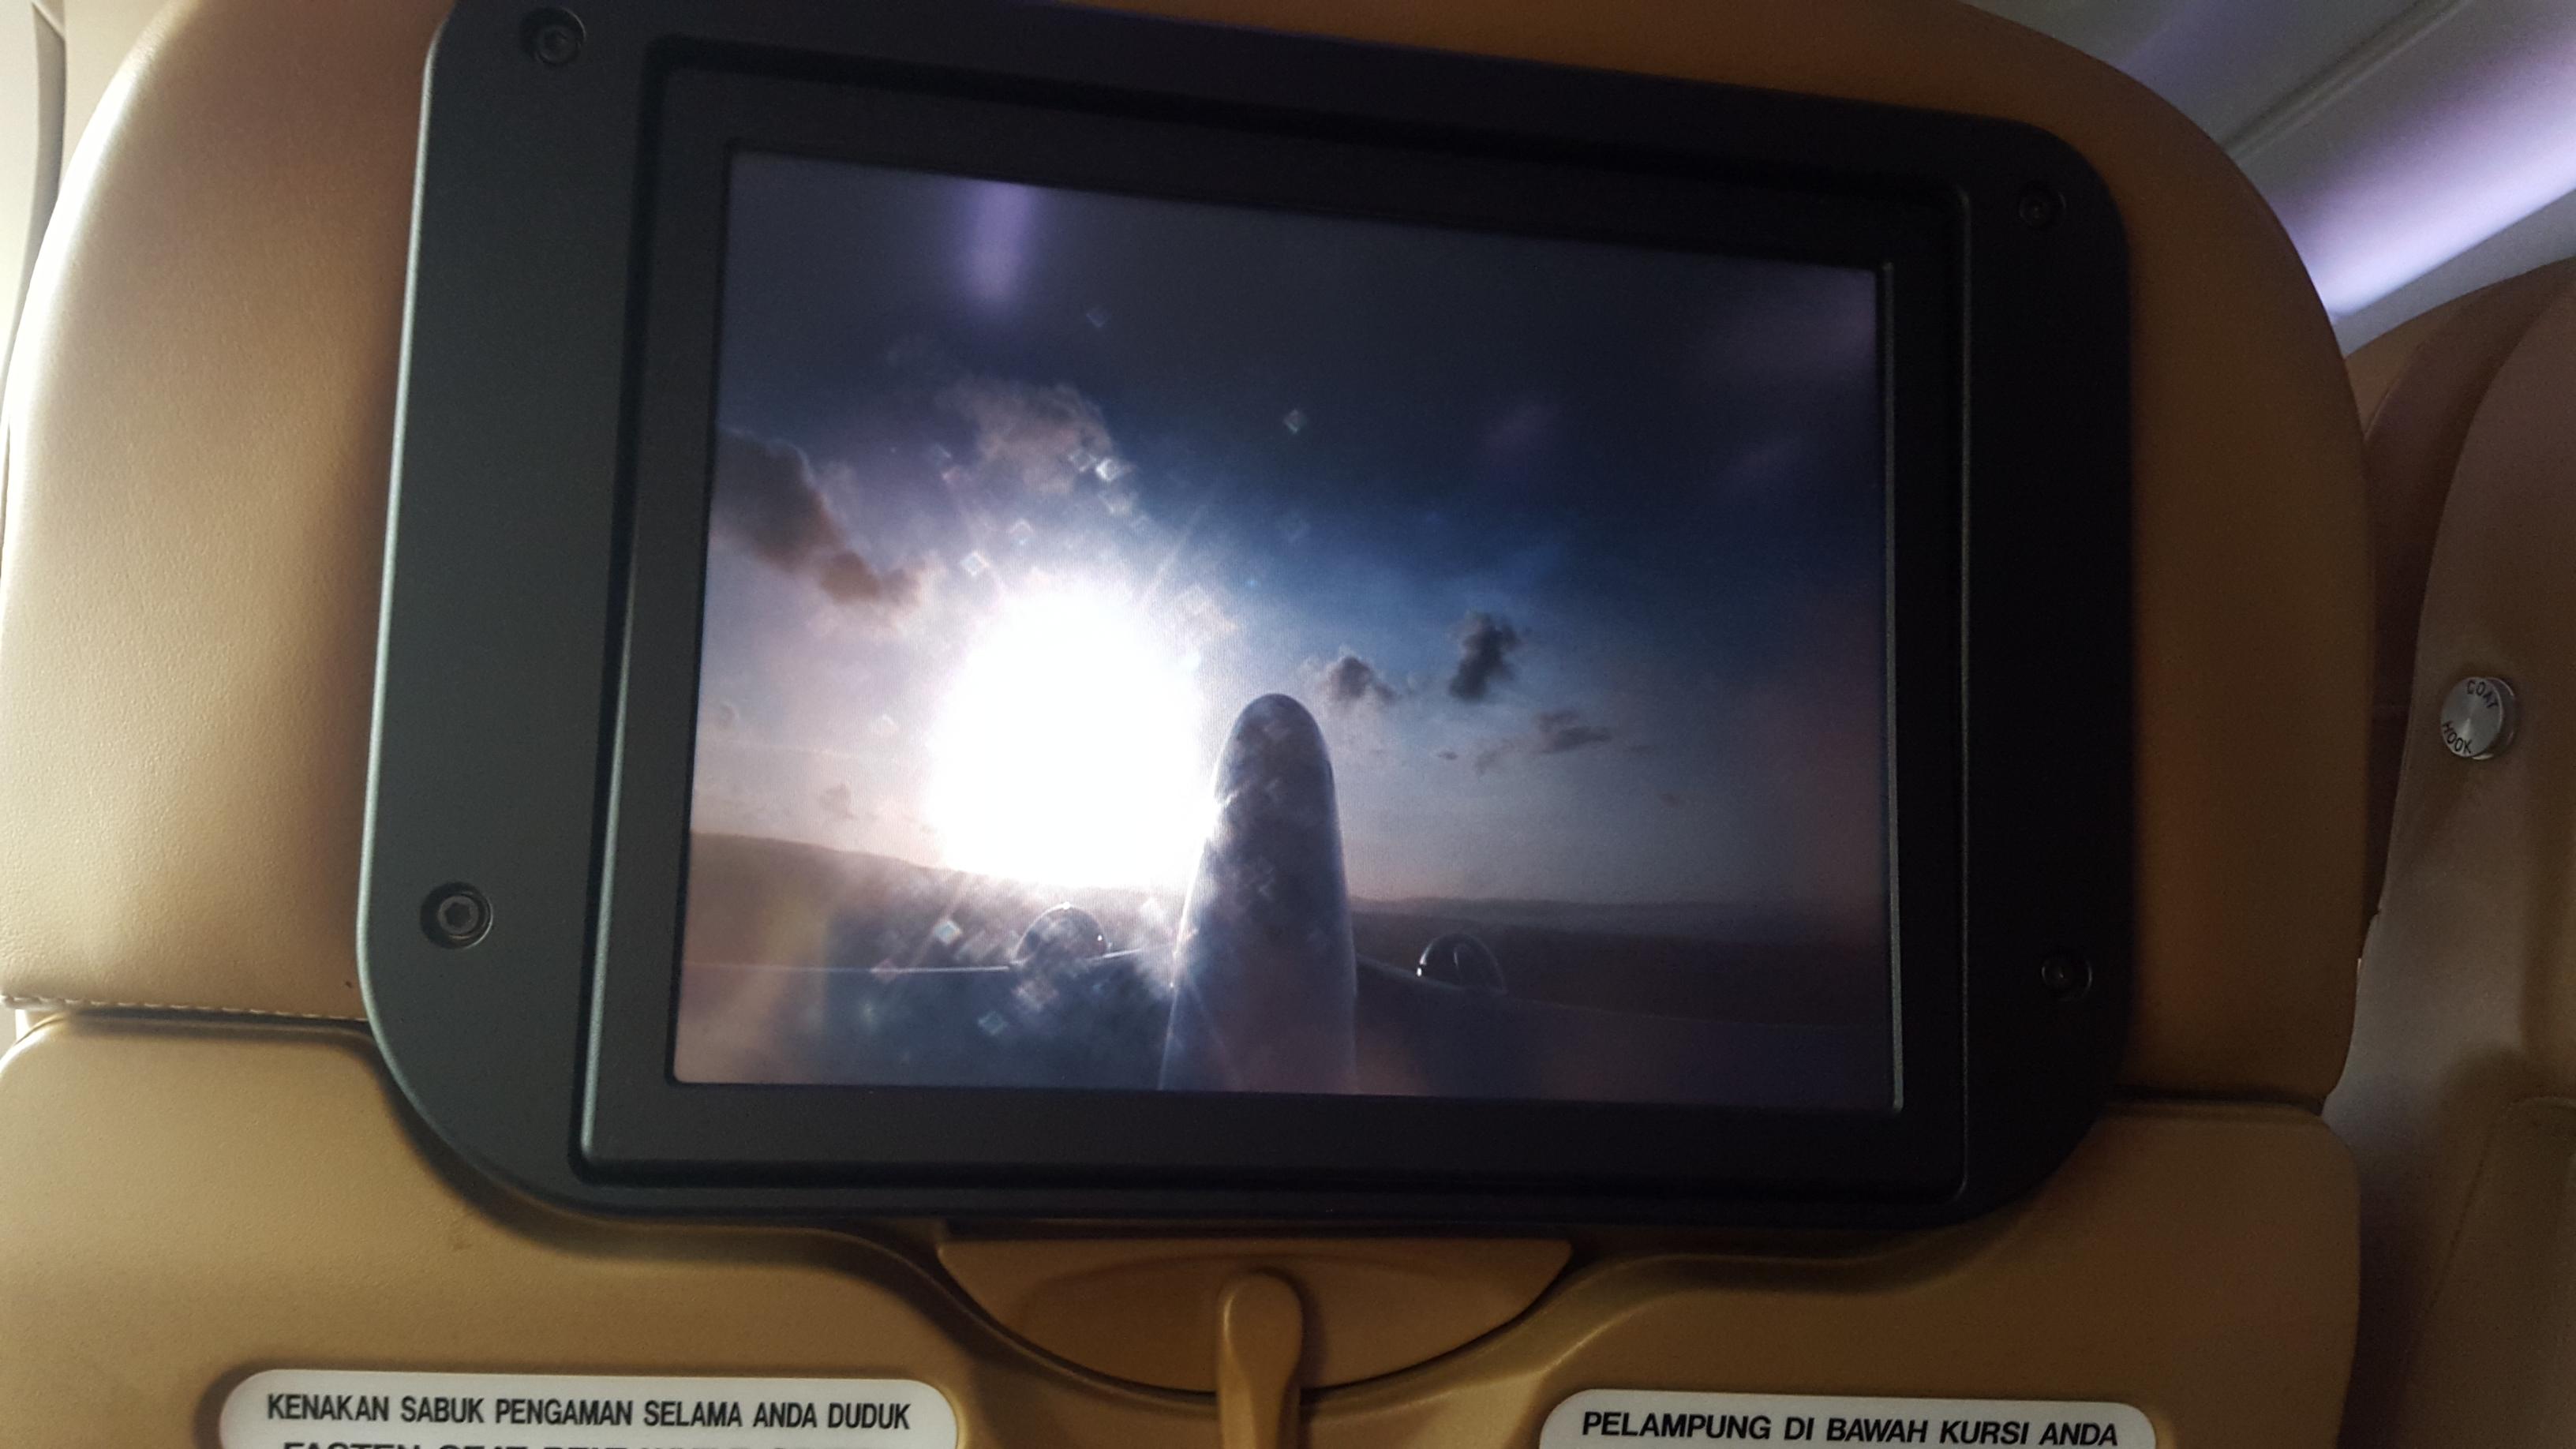 Yang Pertama dan Wah di Kabin Pesawat Kepresidenan RI (# ...